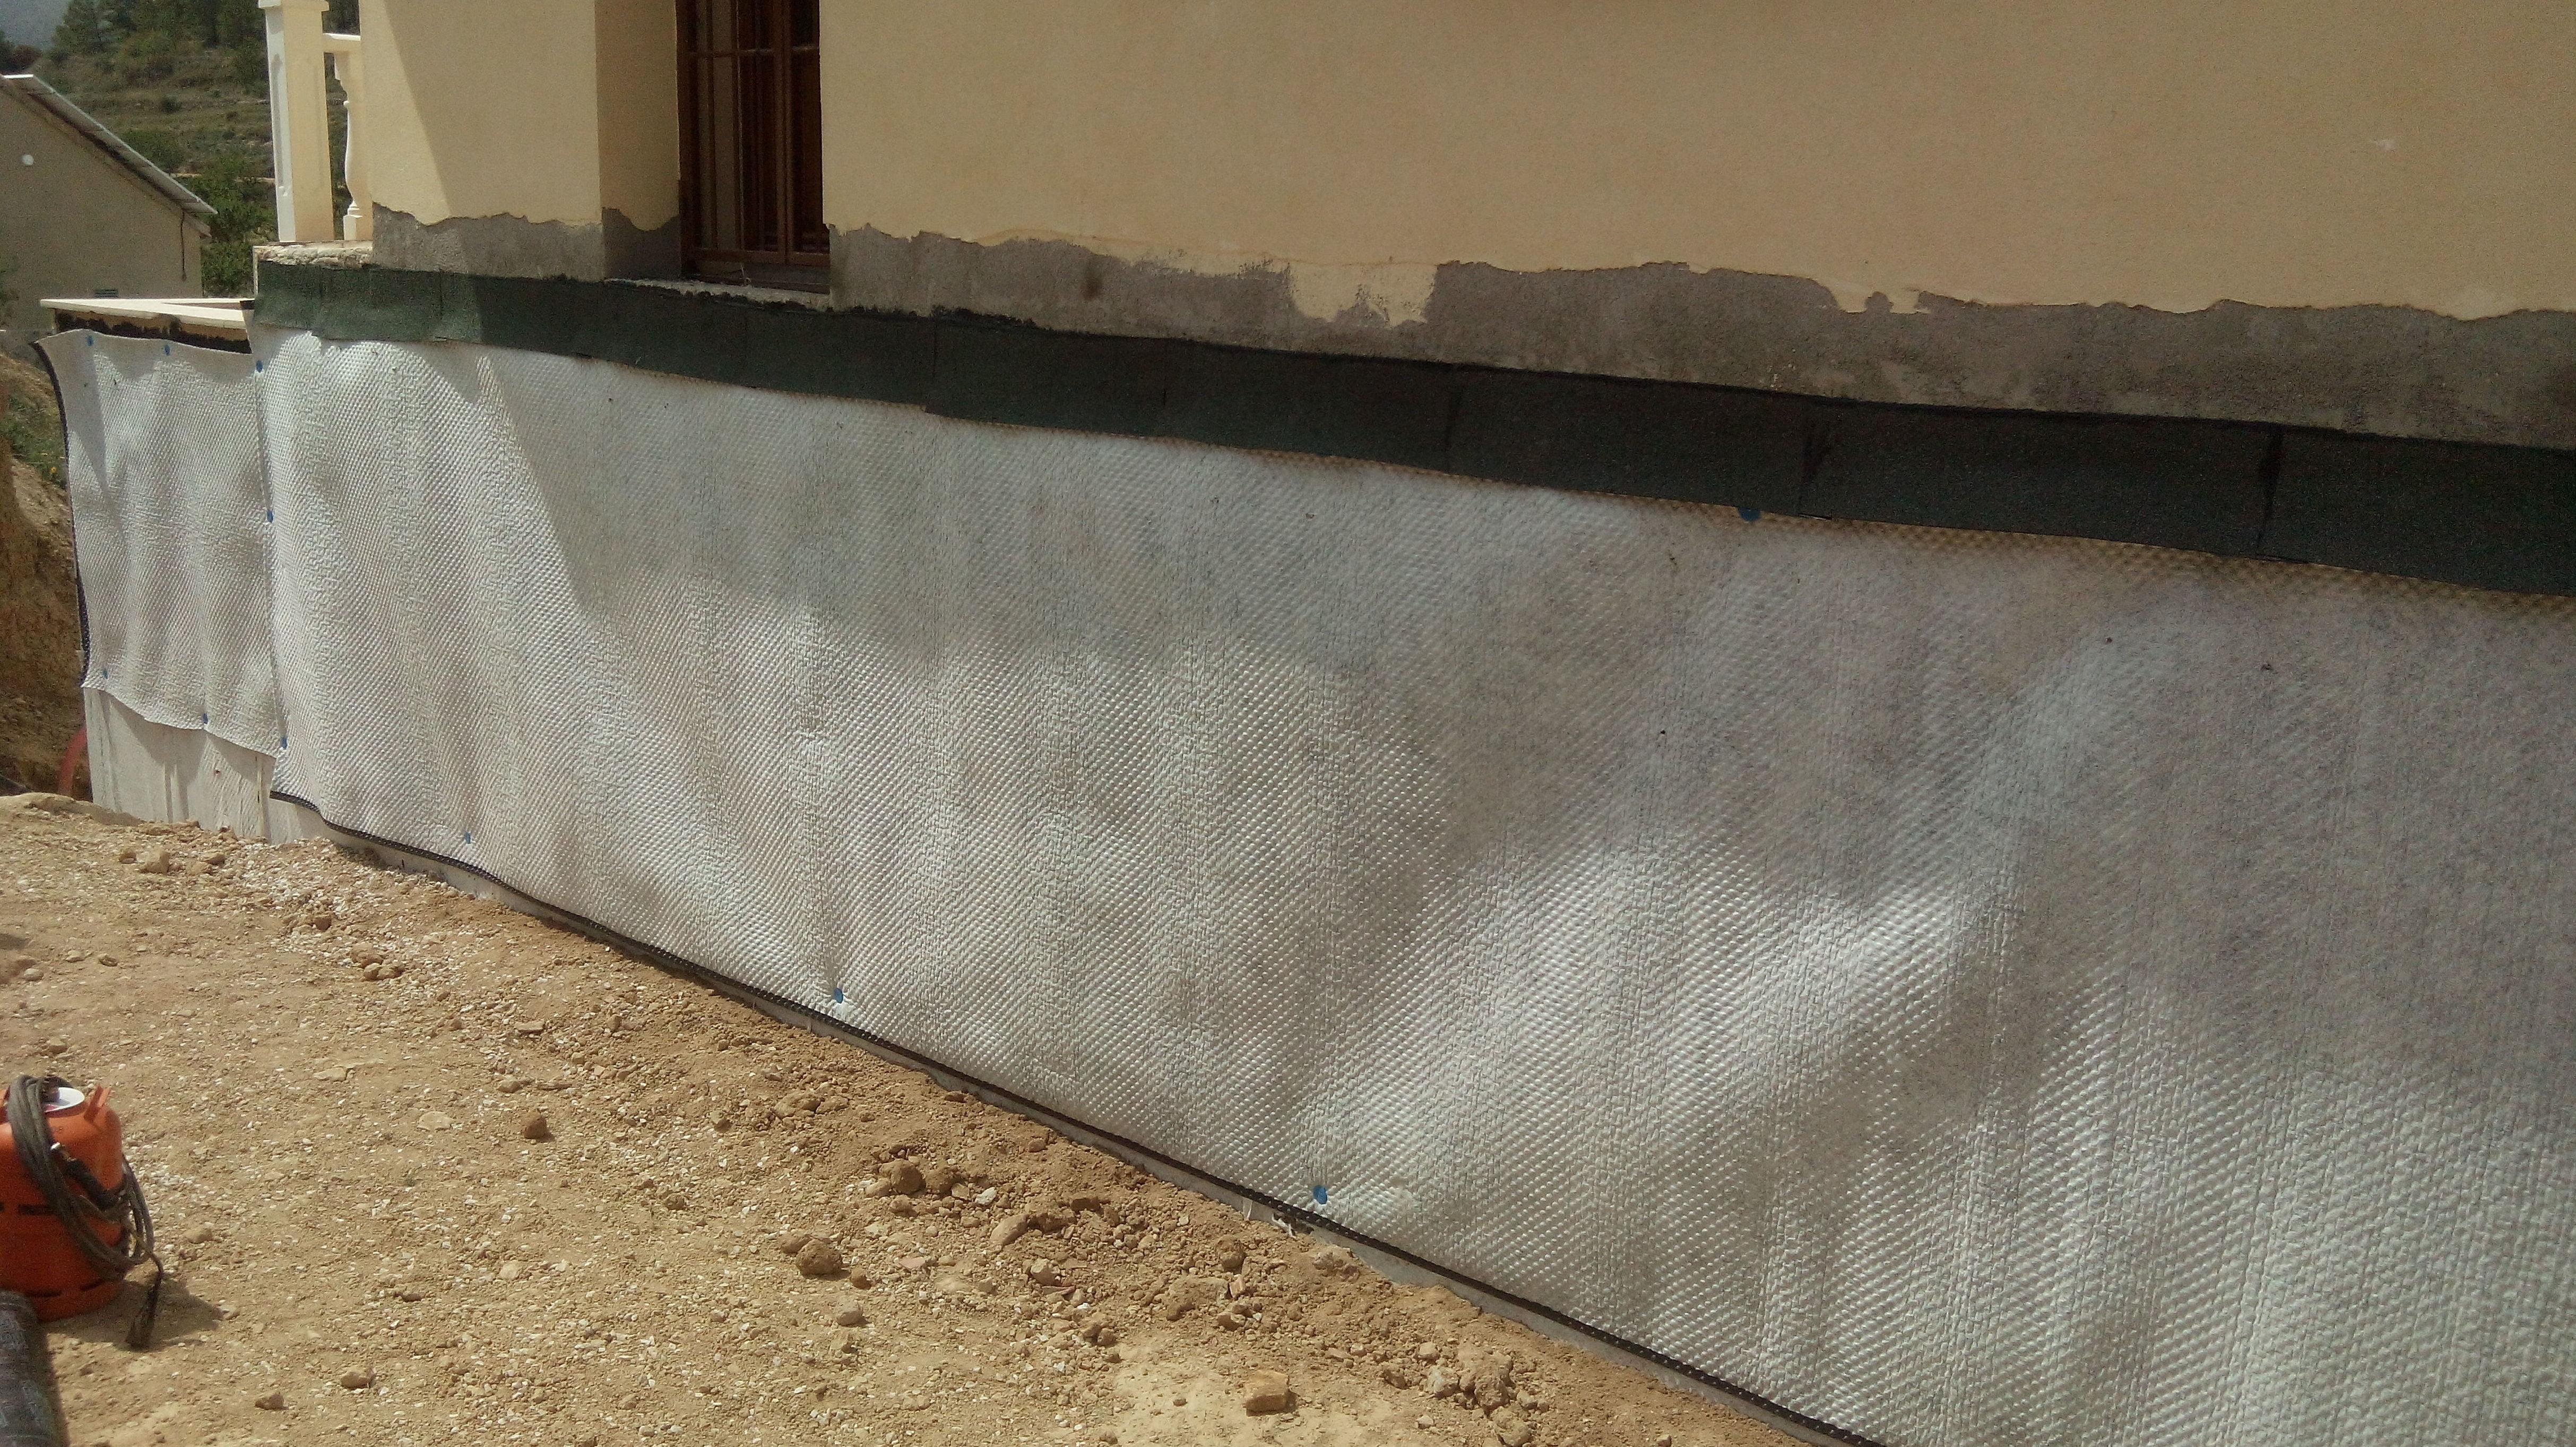 Impermeabilización y protección de muros en vivienda.